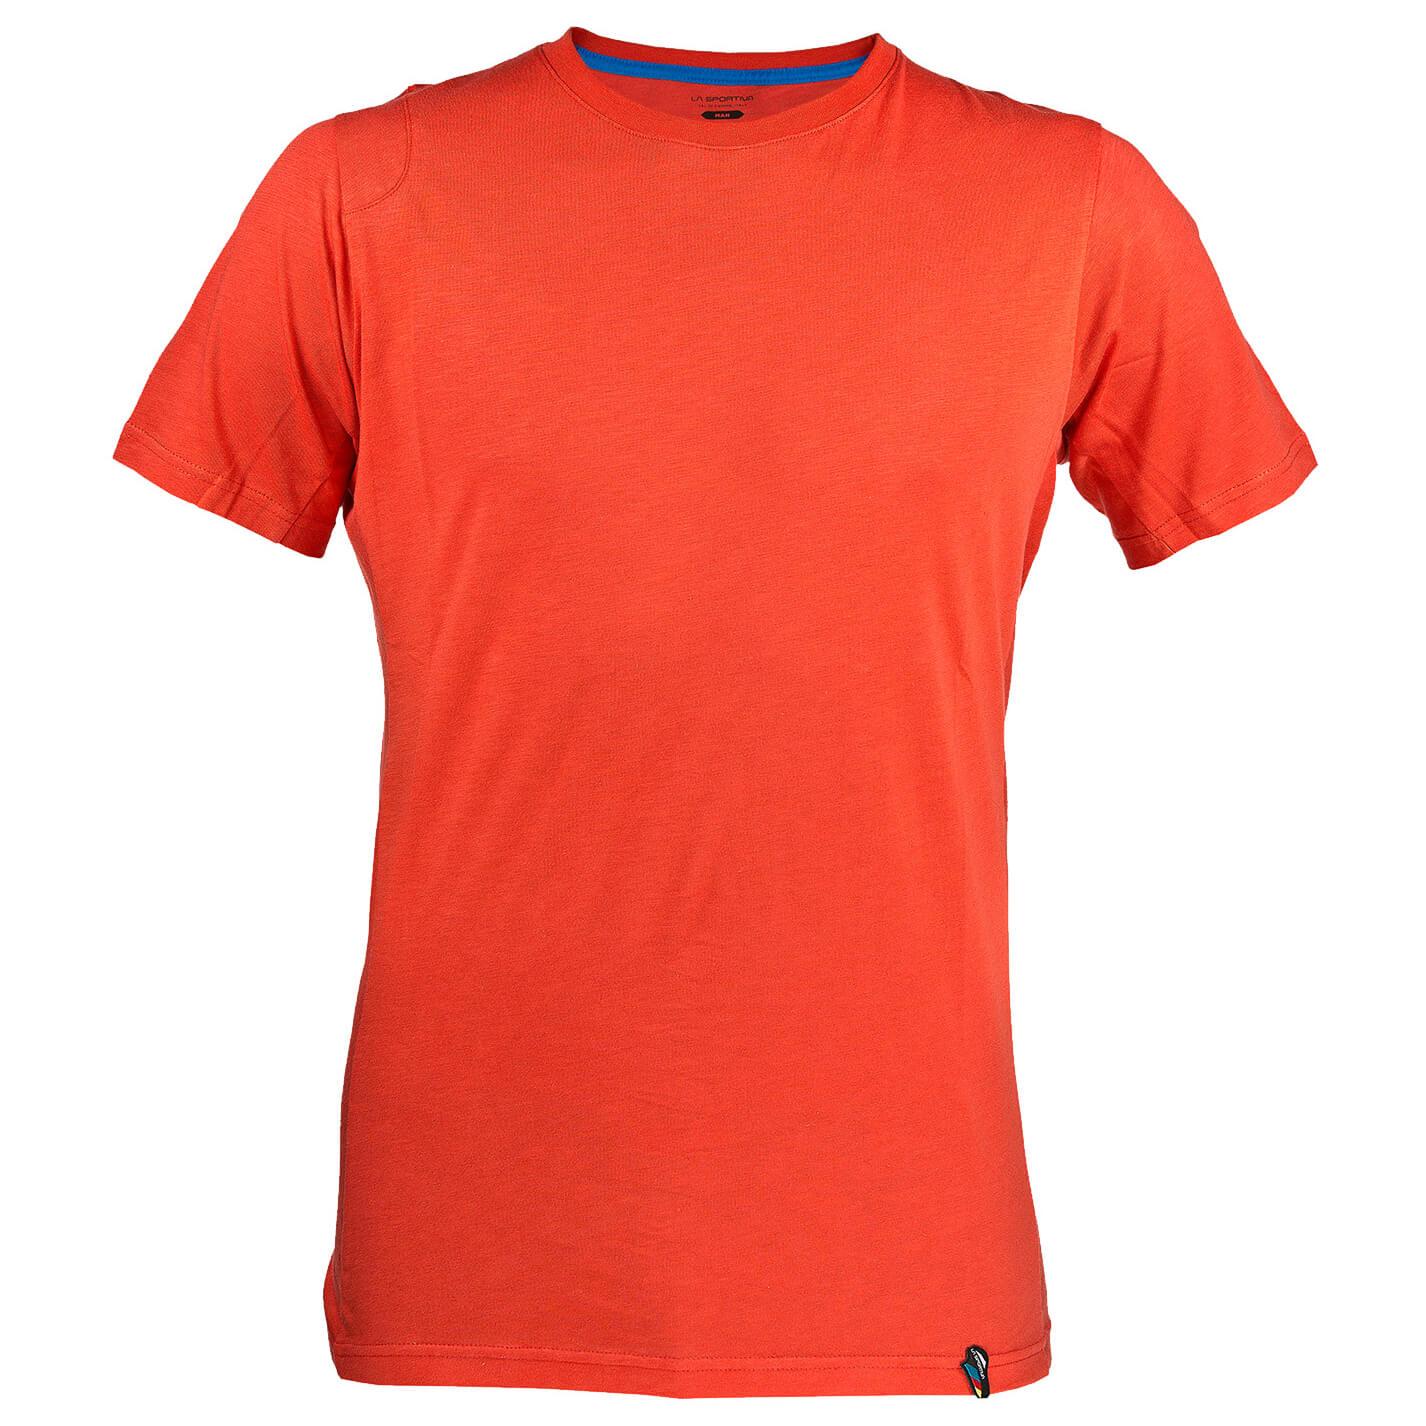 la sportiva vintage logo t shirt men 39 s buy online. Black Bedroom Furniture Sets. Home Design Ideas